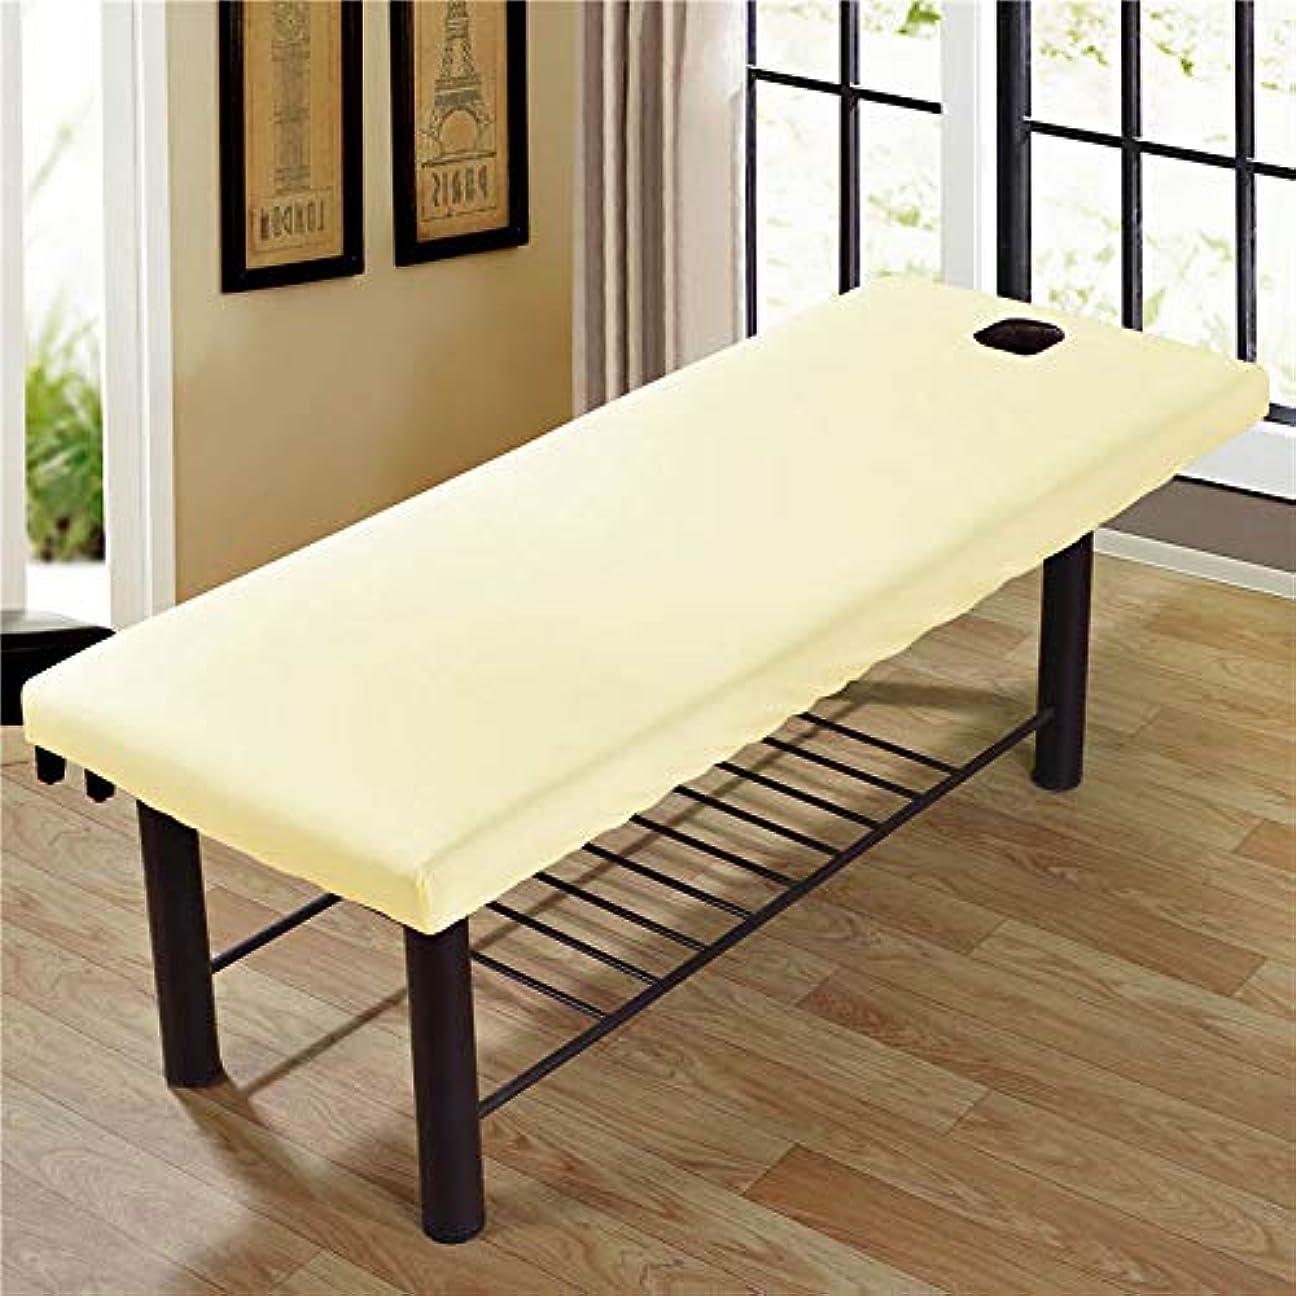 Tenflyer 美容院のマッサージ療法のベッドのための柔らかいSoliod色の長方形のマットレス